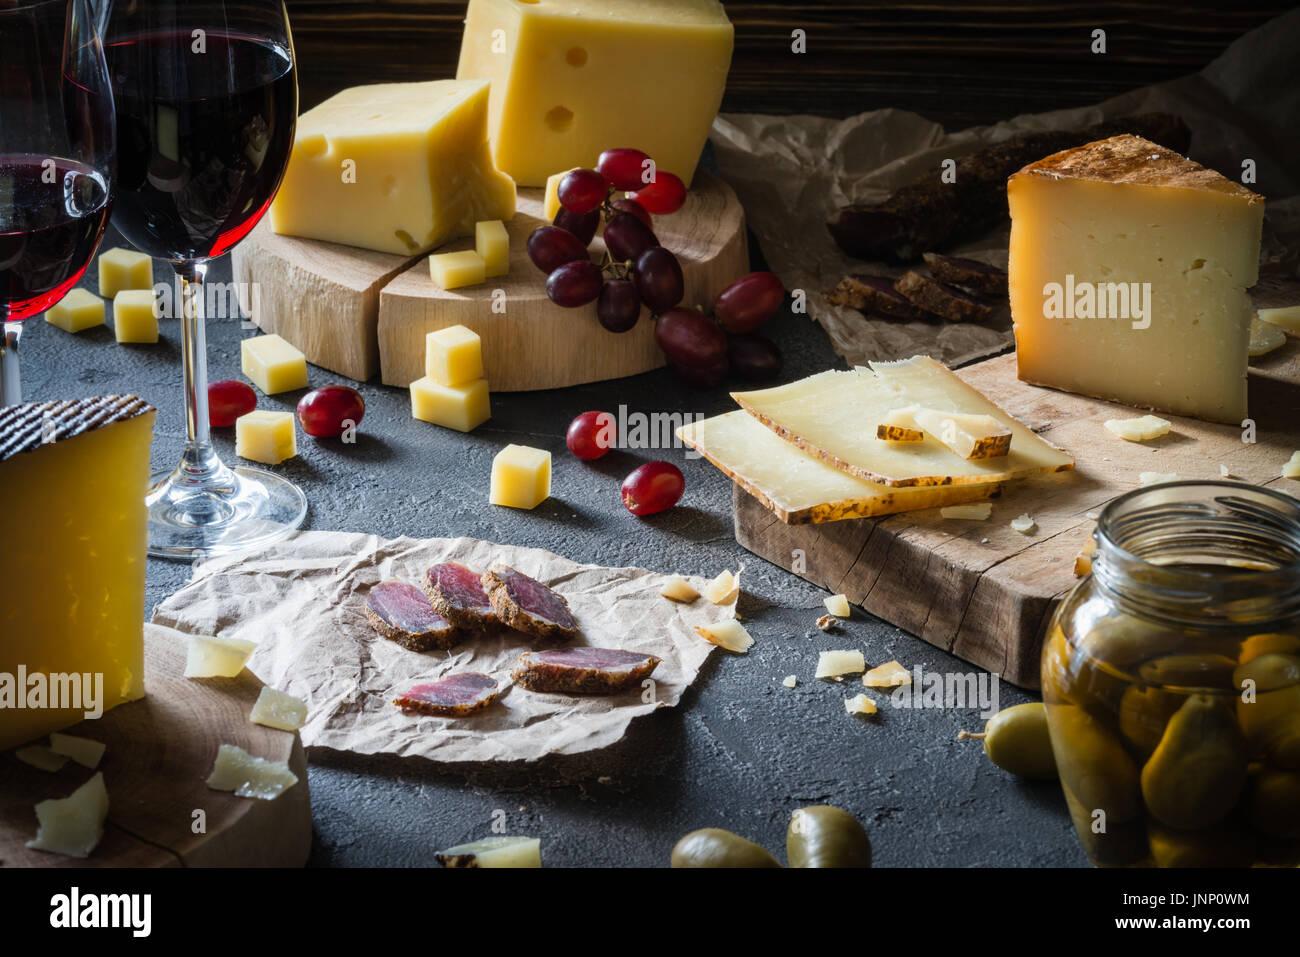 Käseplatte von gehackten Hartkäse (schwedische, spanische Manchego) und in Scheiben geschnittenen italienischen Pecorino Toscano auf Holzbrettern mit grünen Oliven in Glas ja Stockbild